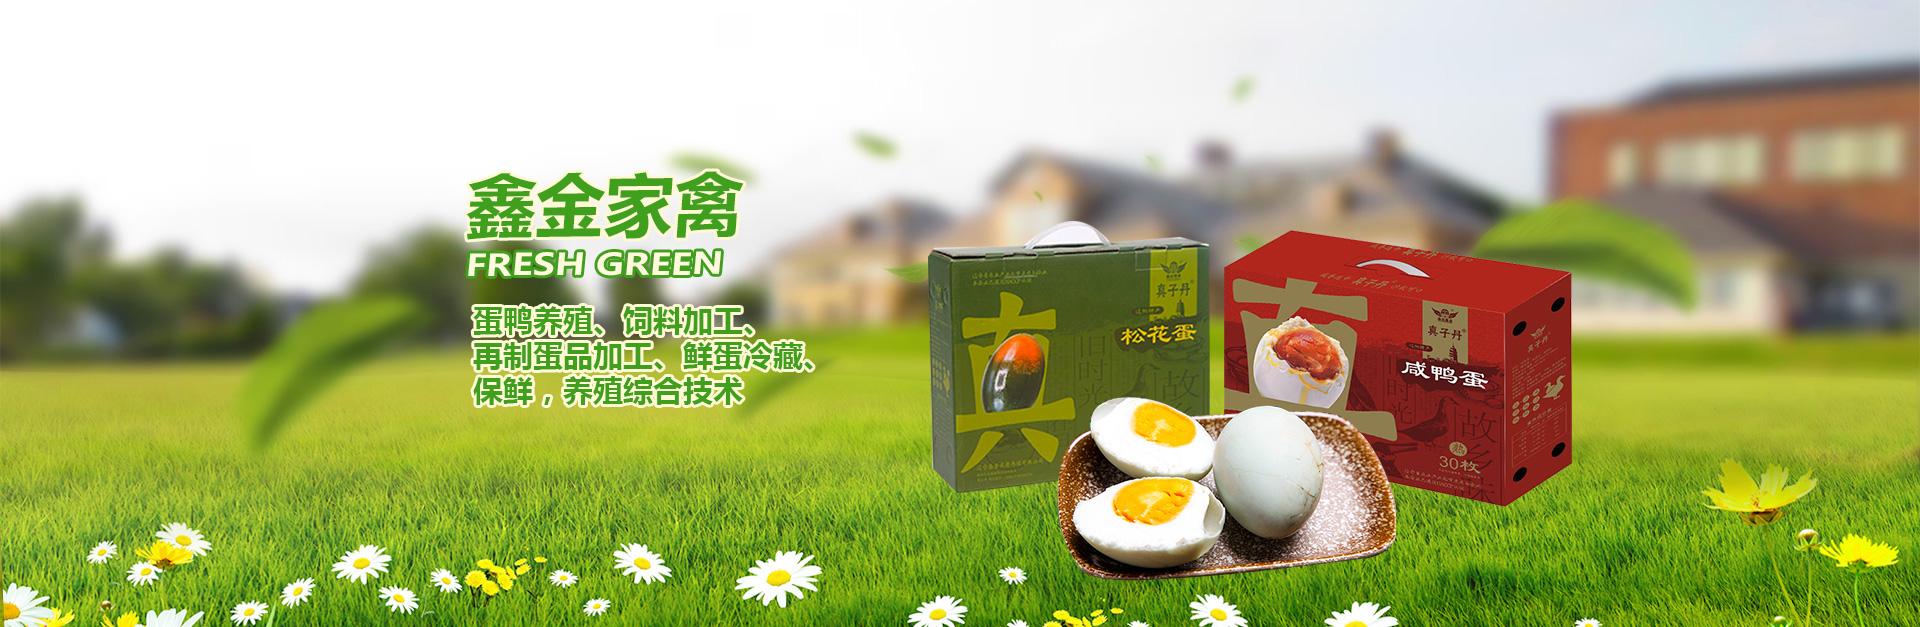 manbetx万博全站app下载批发厂家